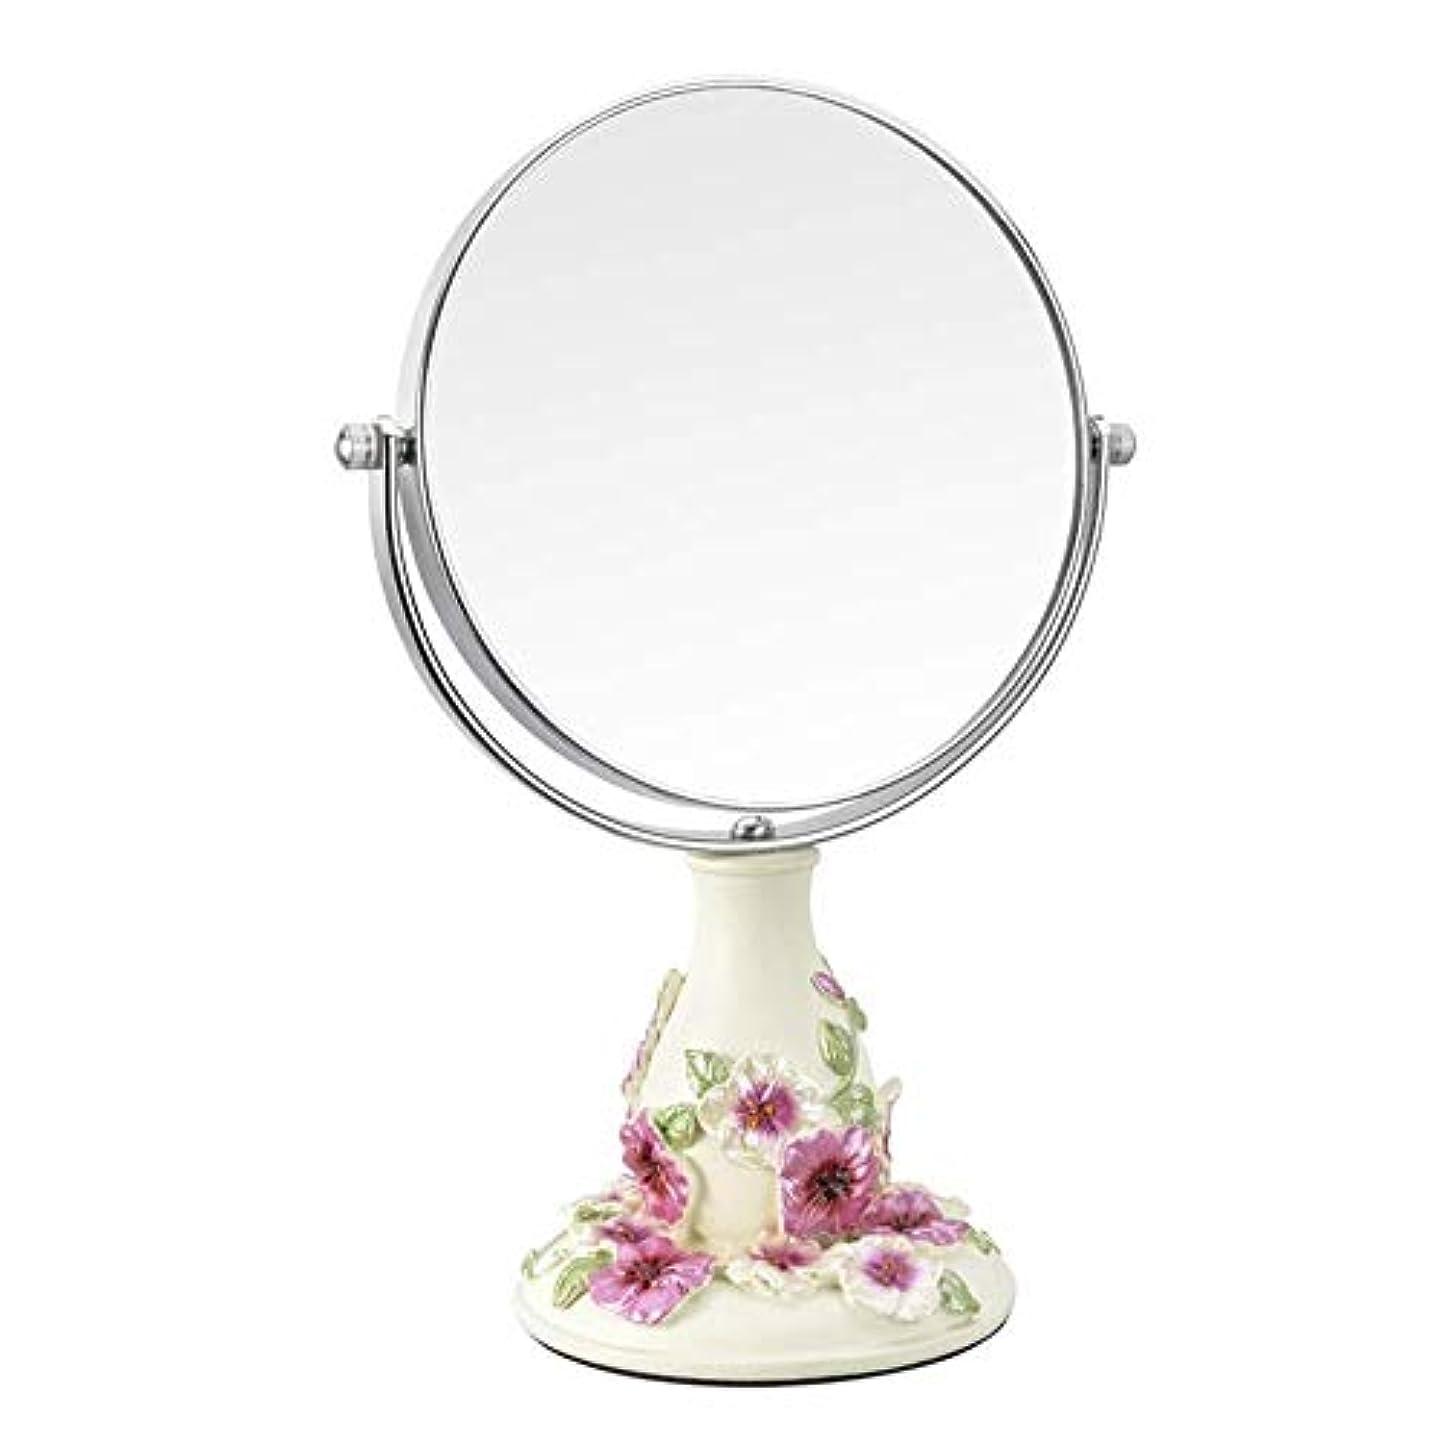 便利リズムフェリー流行の ビンテージ化粧鏡、鏡360°回転スタンド、1倍と3倍の倍率、ラウンドダブル両面回転化粧鏡